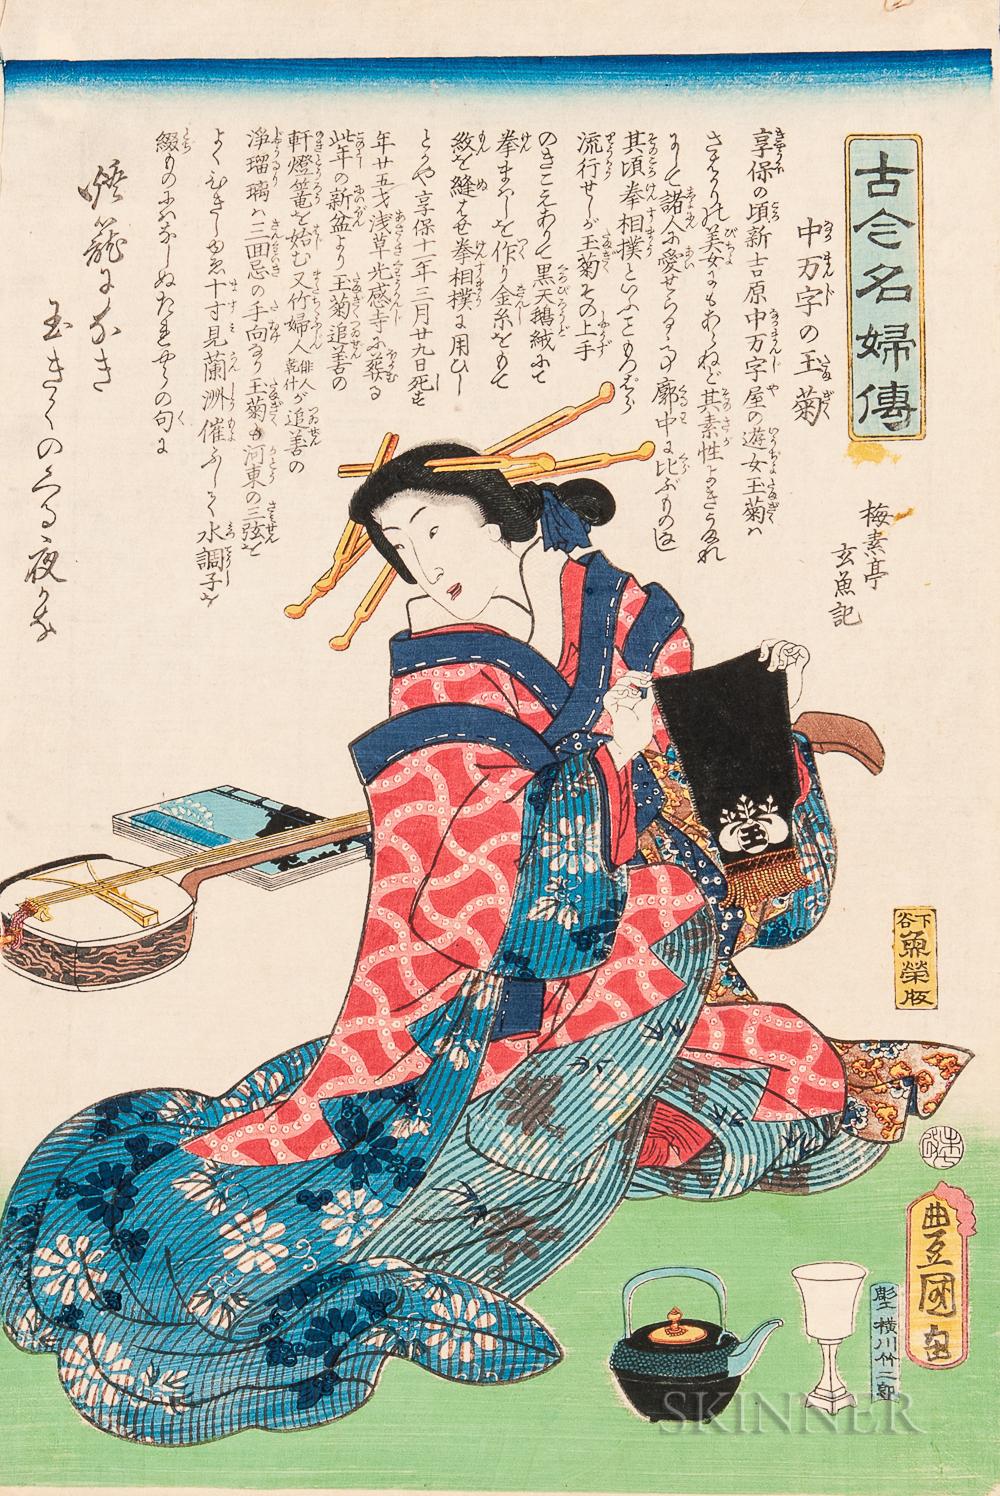 Utagawa Kunisada (Toyokuni III, 1786-1865), Woodblock Print